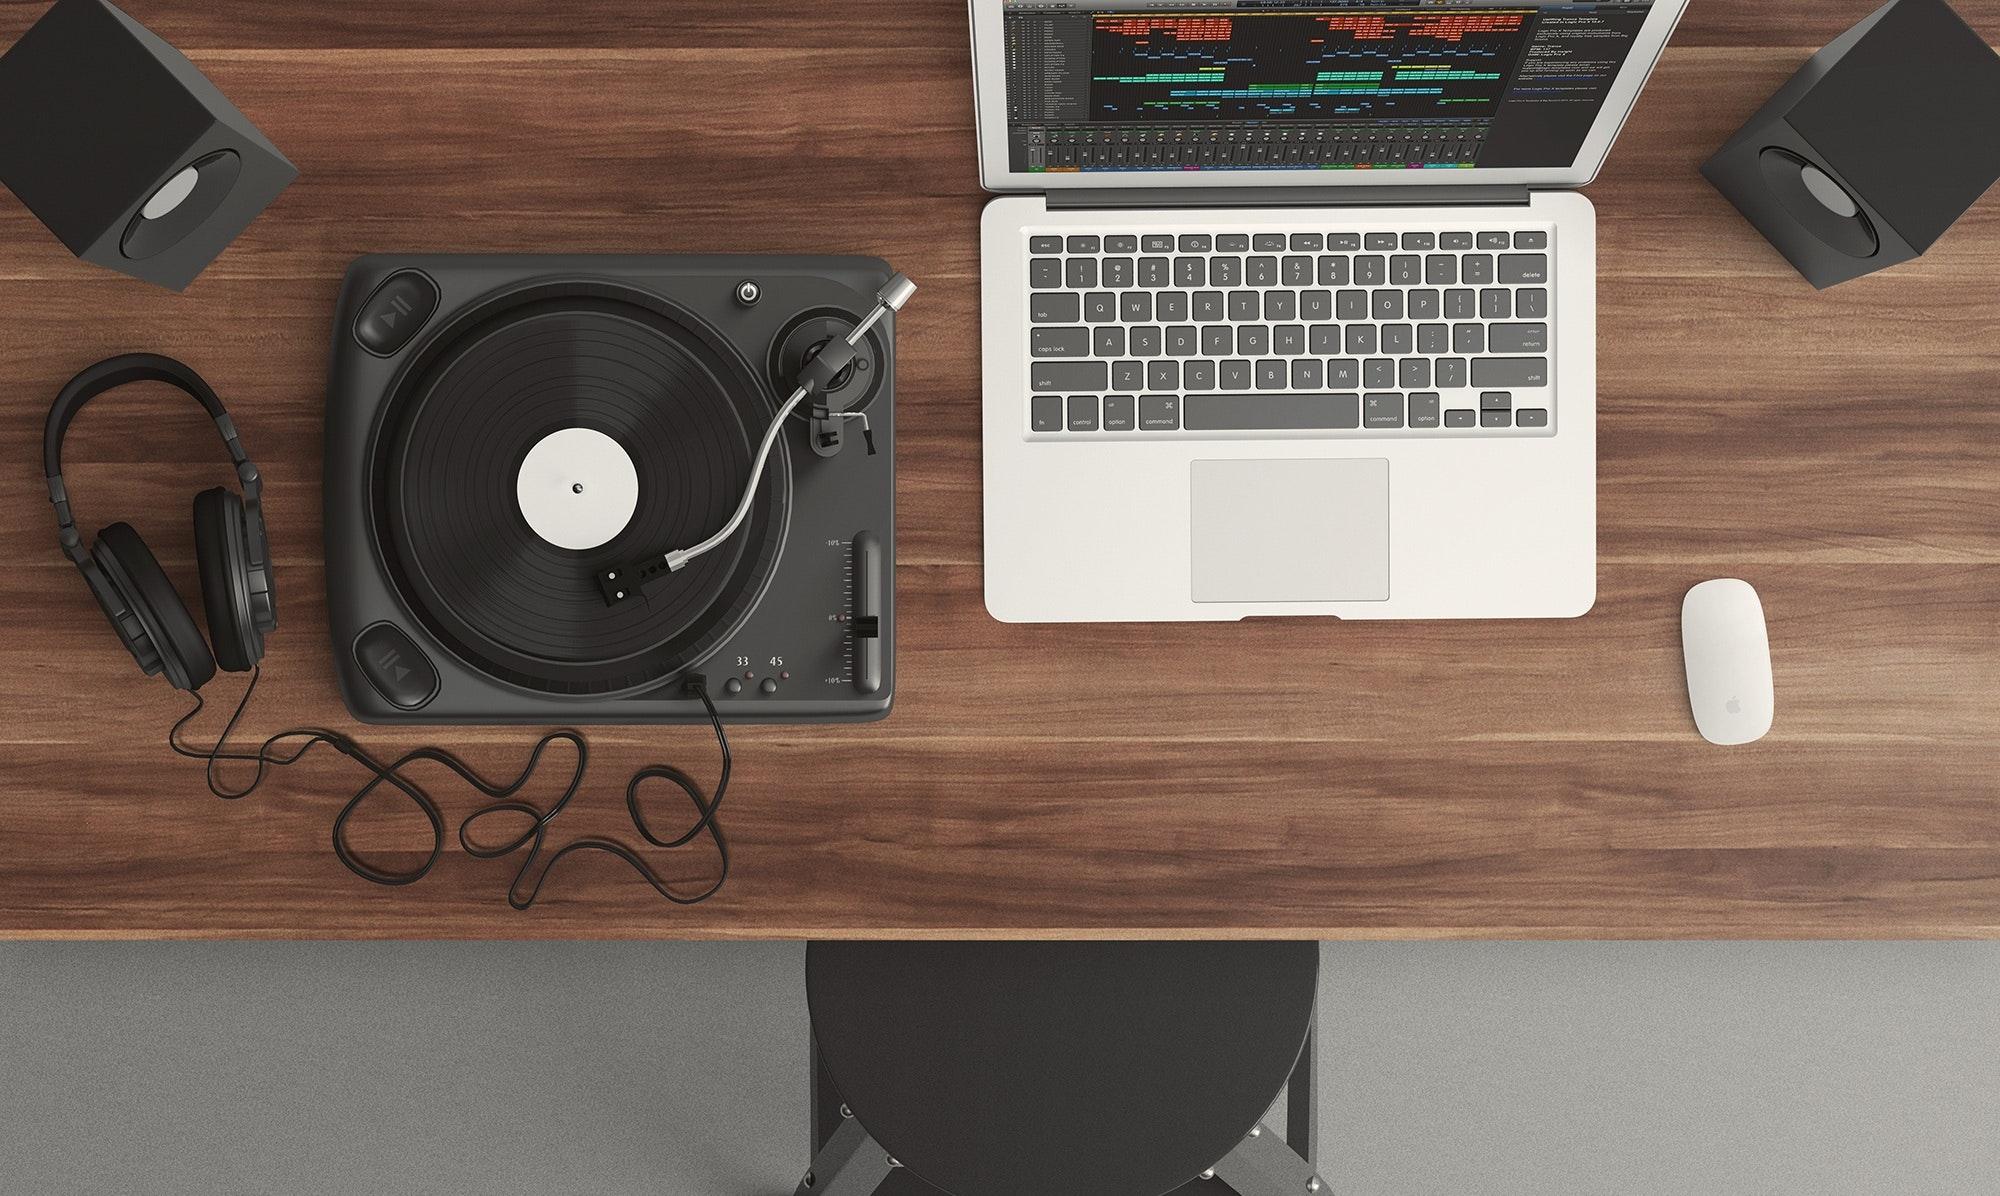 Imagem mostra um mouse sobre uma mesa ao lado de um notebook e equipamentos de som.